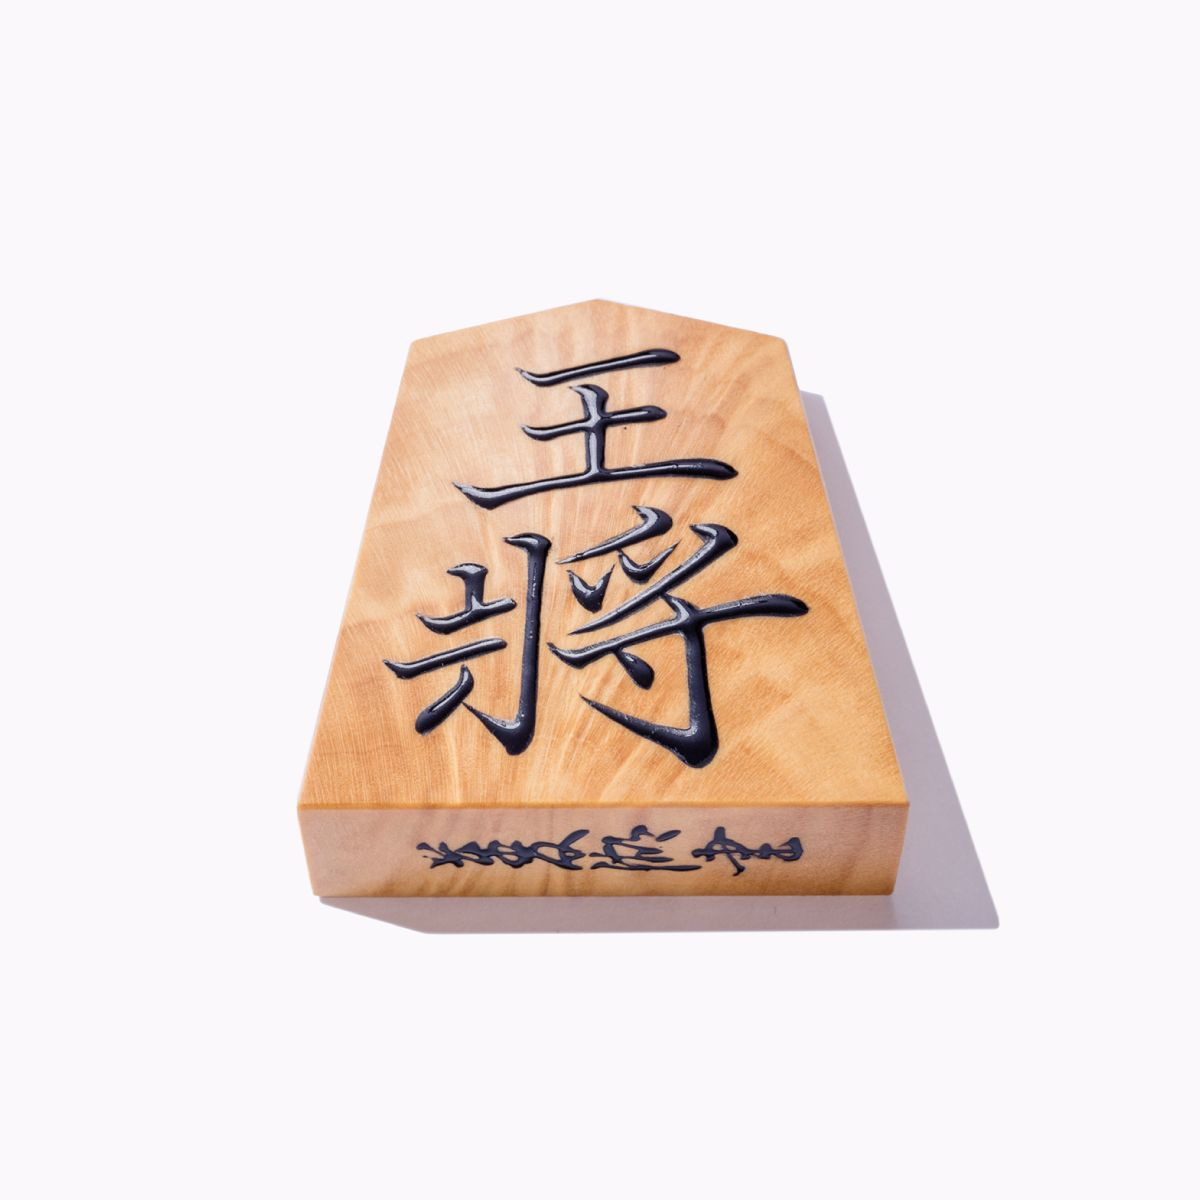 大竹碁盤店